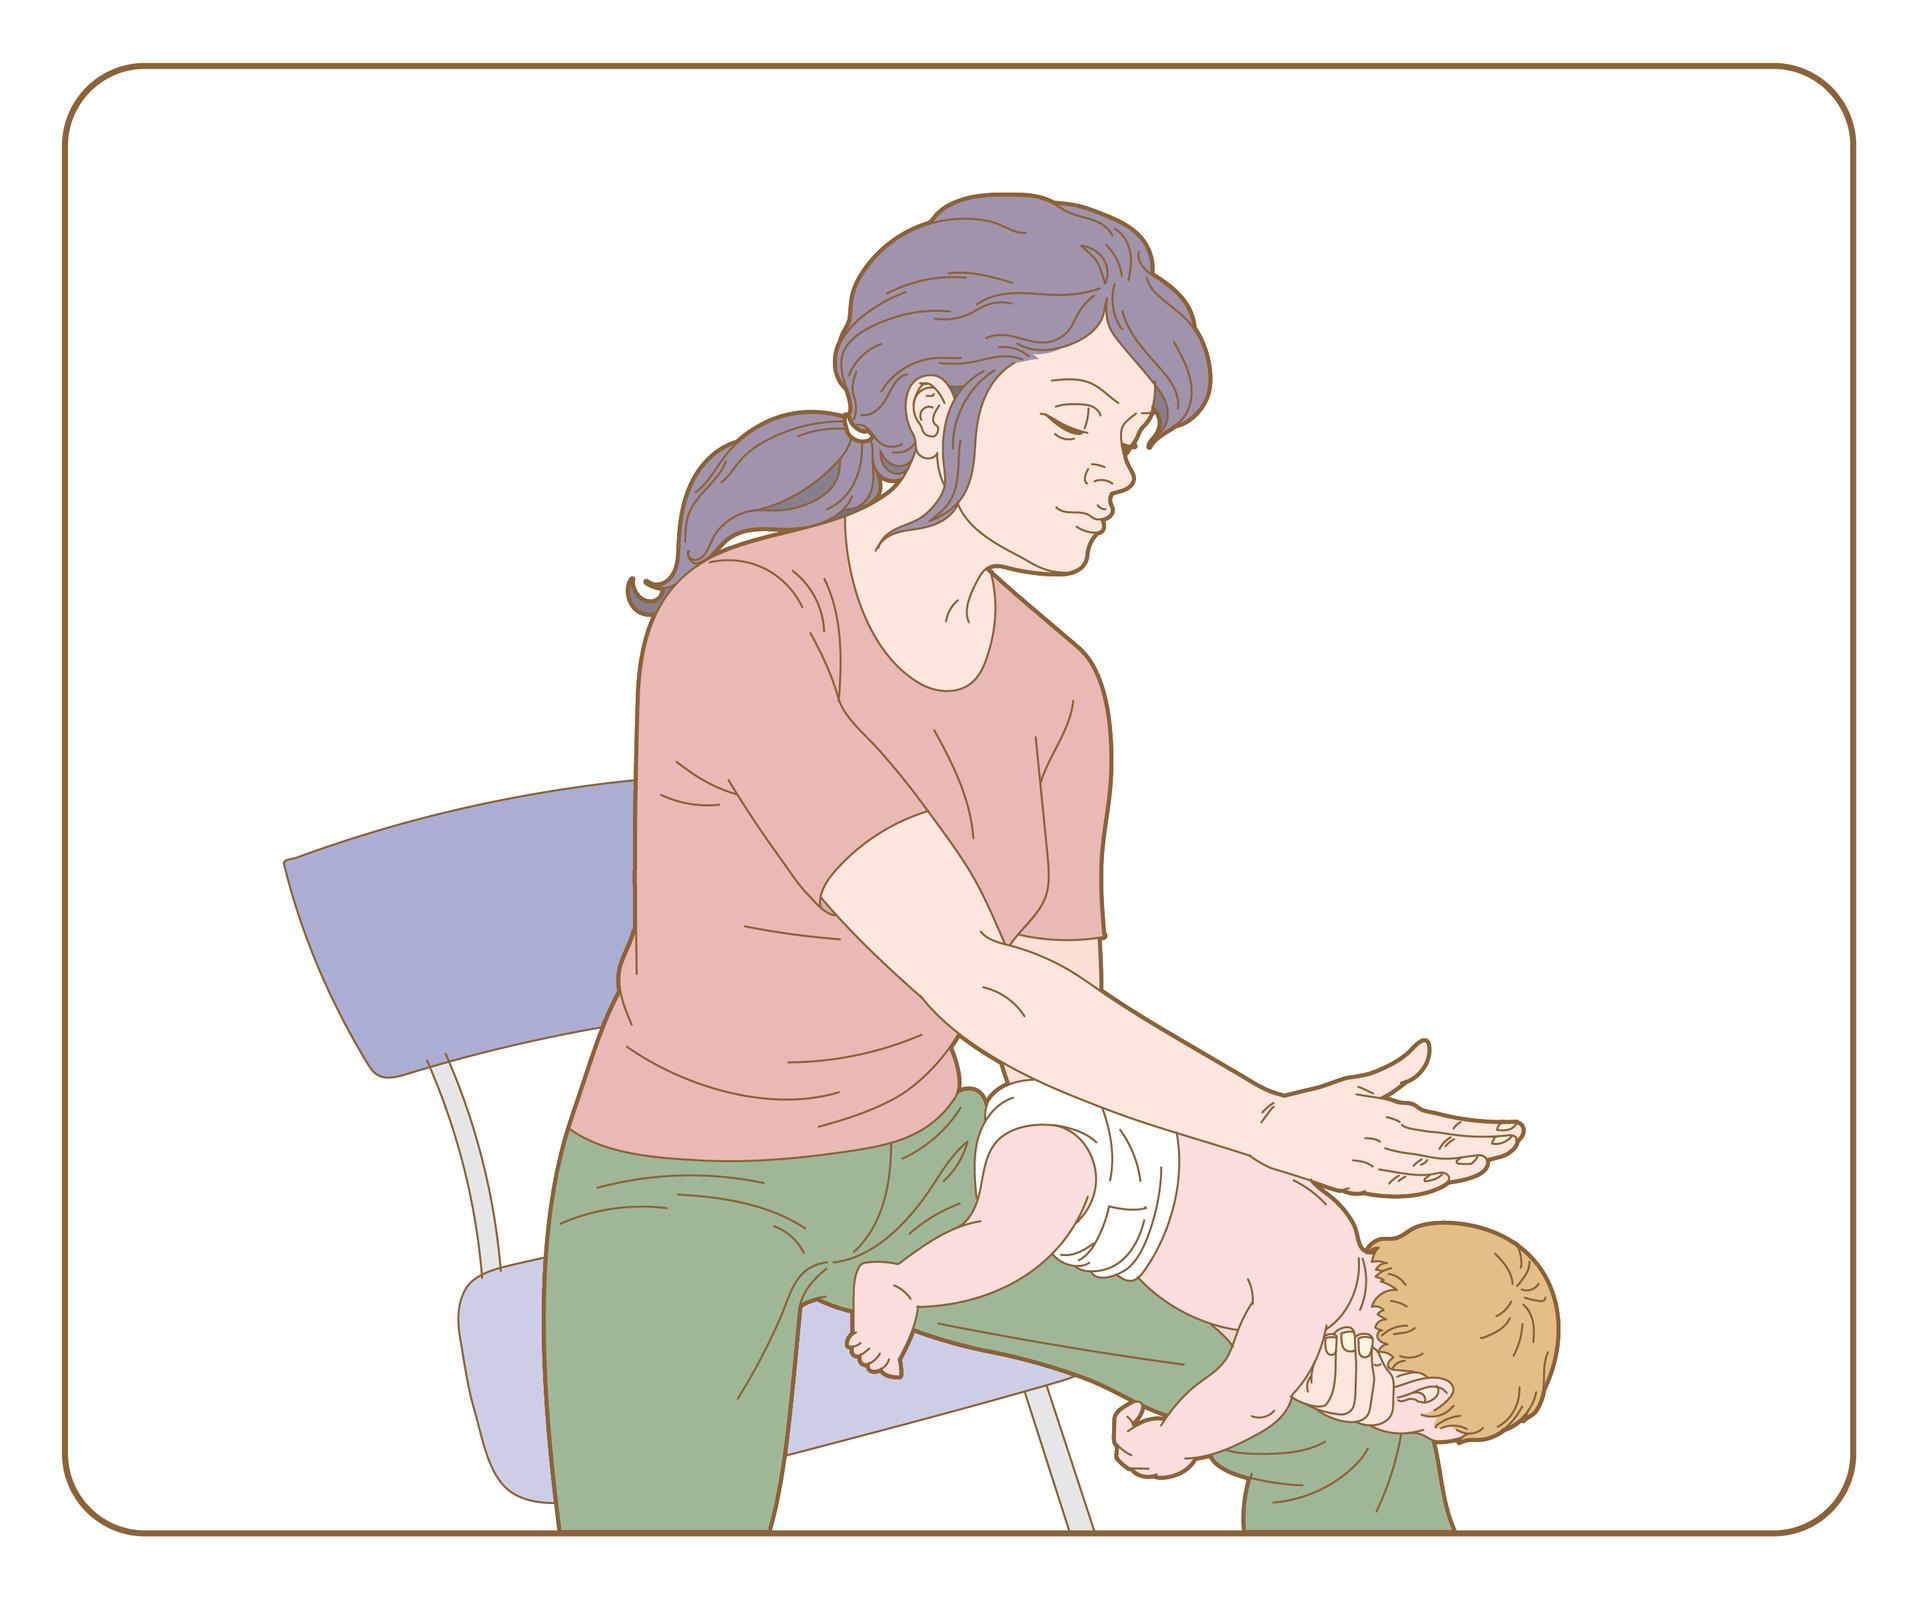 Galeria 1 składa się zdwóch ilustracji ułożonych poziomo obok. Lewa ilustracja przedstawia kobietę siedzącą na krześle. Kobieta siedzi skierowana przodem do obserwator. Nogi wlekkim rozkroku. Na prawej nodze kobiety ułożone niemowlę głową wdół. Prawe przedramię kobiety położone jest na nodze, na przedramieniu niemowlę. Dziecko leży na brzuchu. Dłoń kobiety przytrzymuje głowę dziecka poniżej brody. Głowa dziecka umieszczona jest na wysokości kolana kobiety. Lewa ręka kobiety znajduje się nad plecami dziecka. Nadgarstkiem uderza dziecko wplecy, między łopatkami.